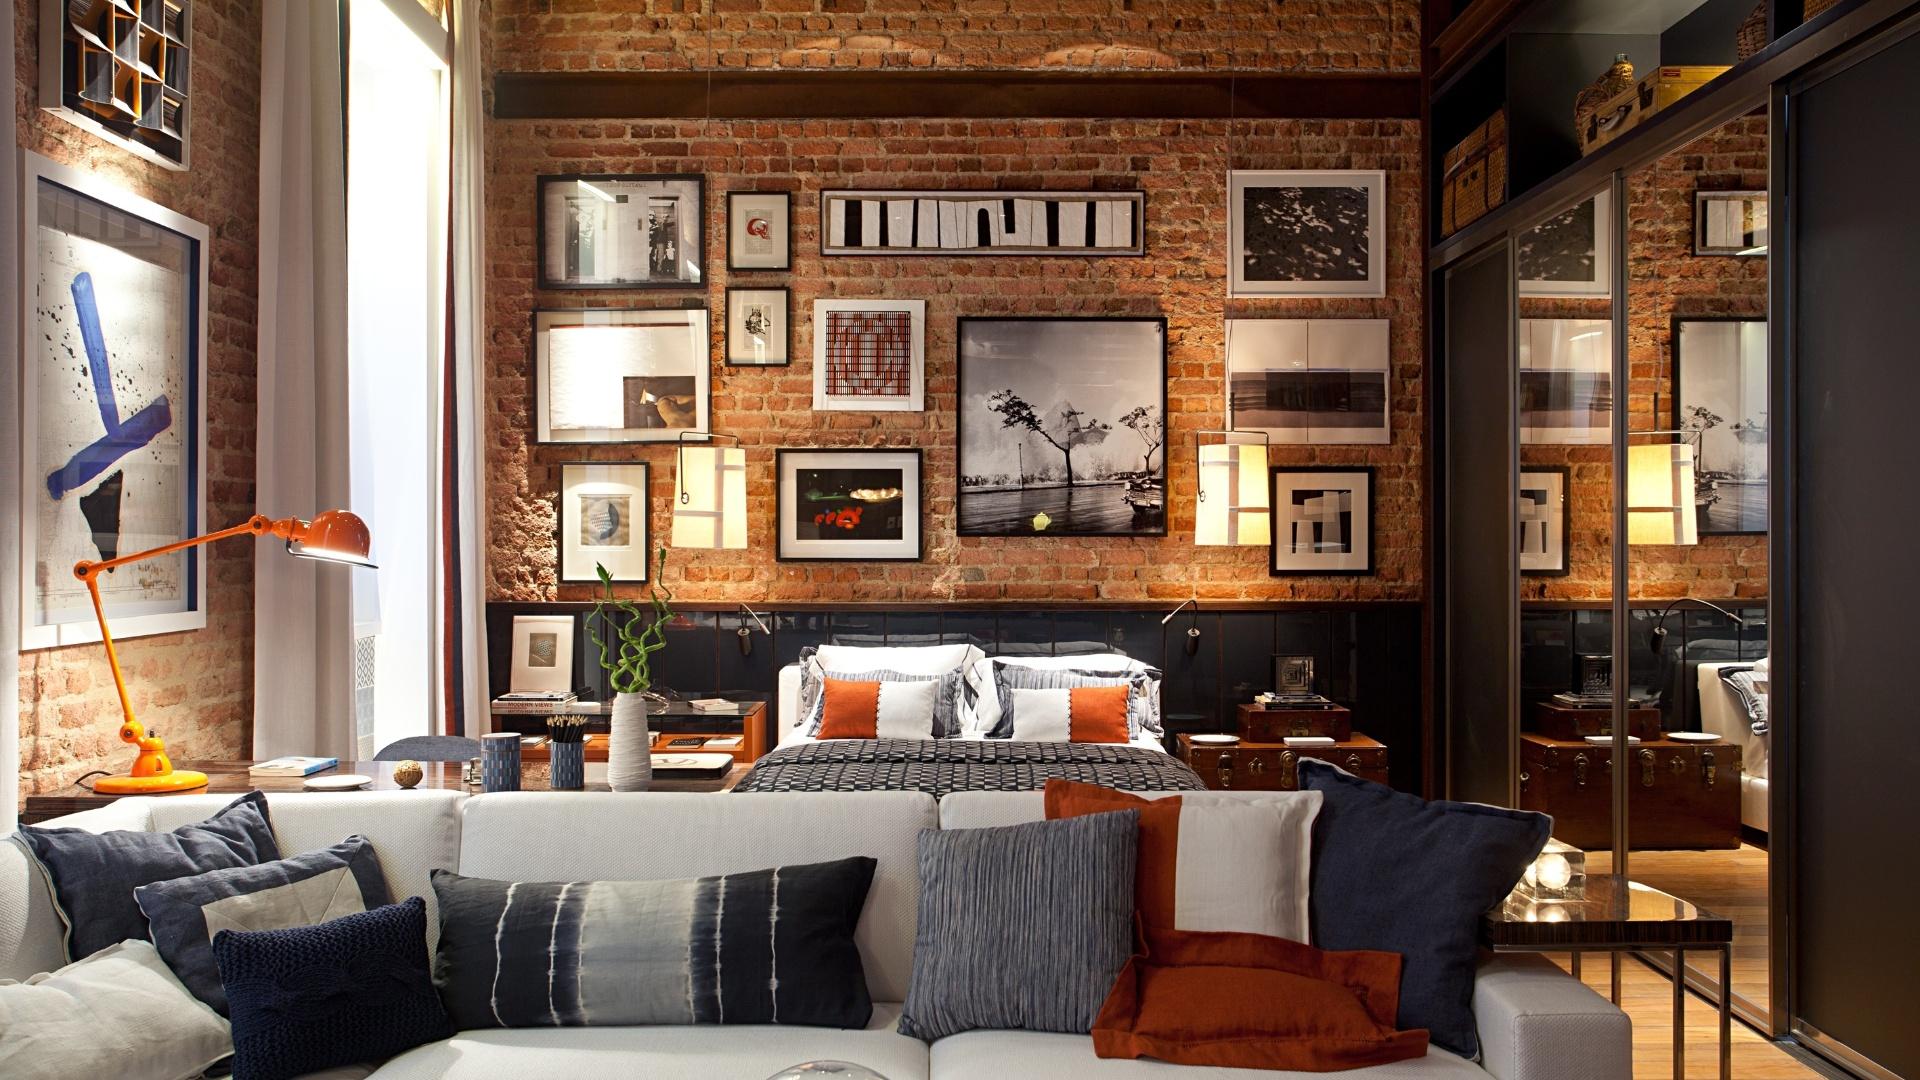 O arquiteto Luiz Fernando Grabowsky criou o Loft + Rio, onde as paredes de tijolo e o teto de madeira aparente, originais da construção, foram preservados. A Casa Cor RJ vai de 03 de outubro a 19 de novembro de 2012, no Rio de Janeiro